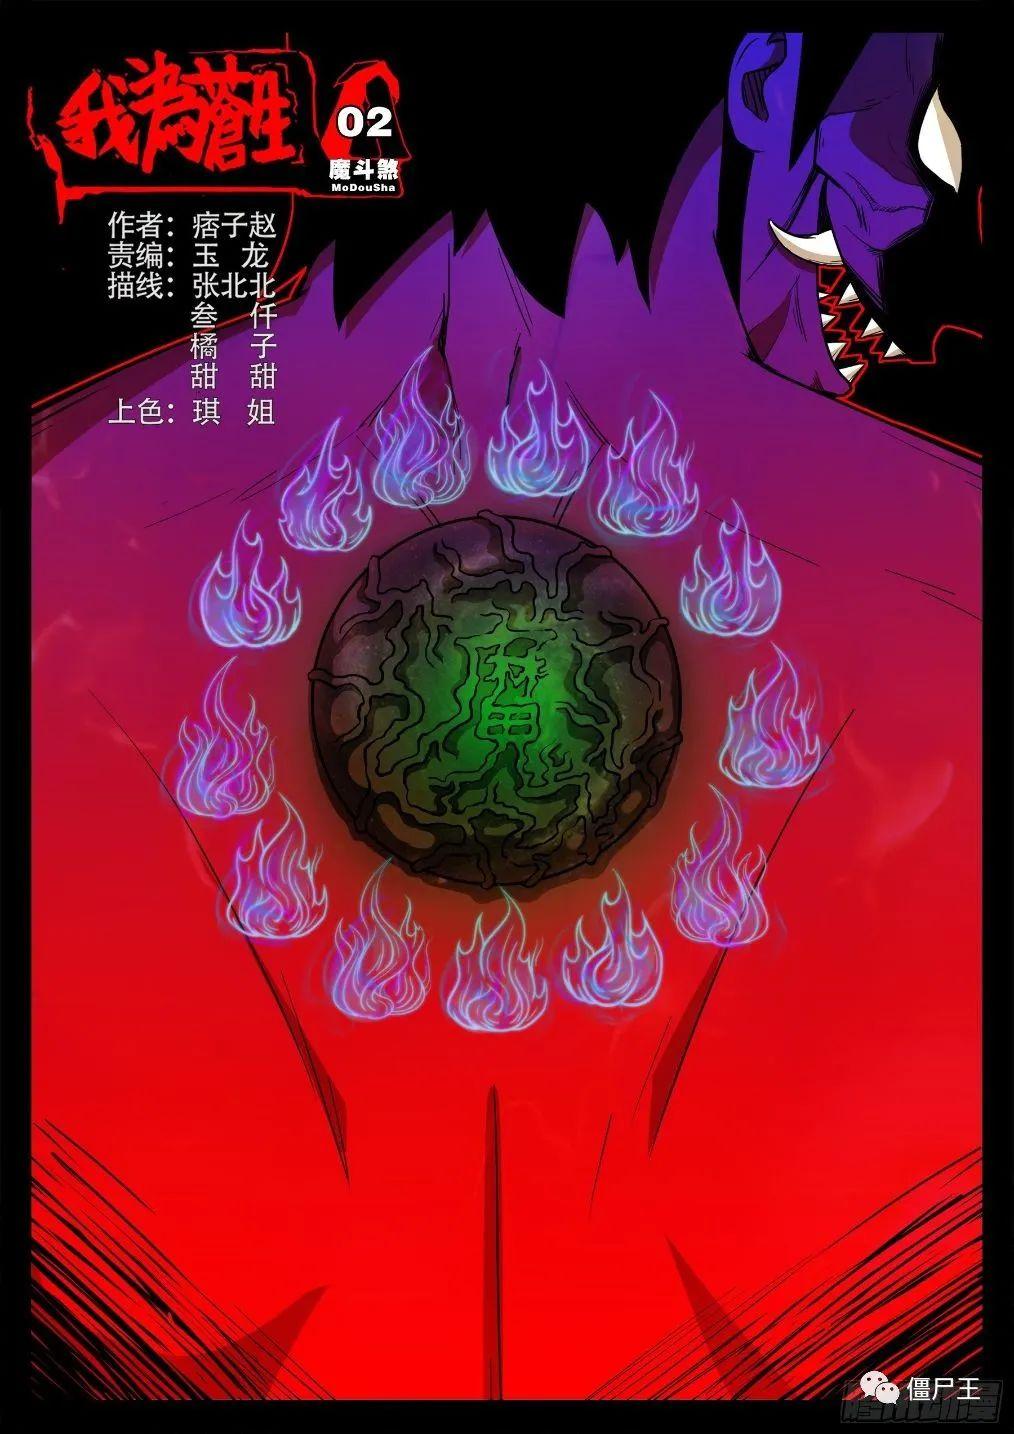 僵尸王漫画:《我为苍生》魔斗煞 02